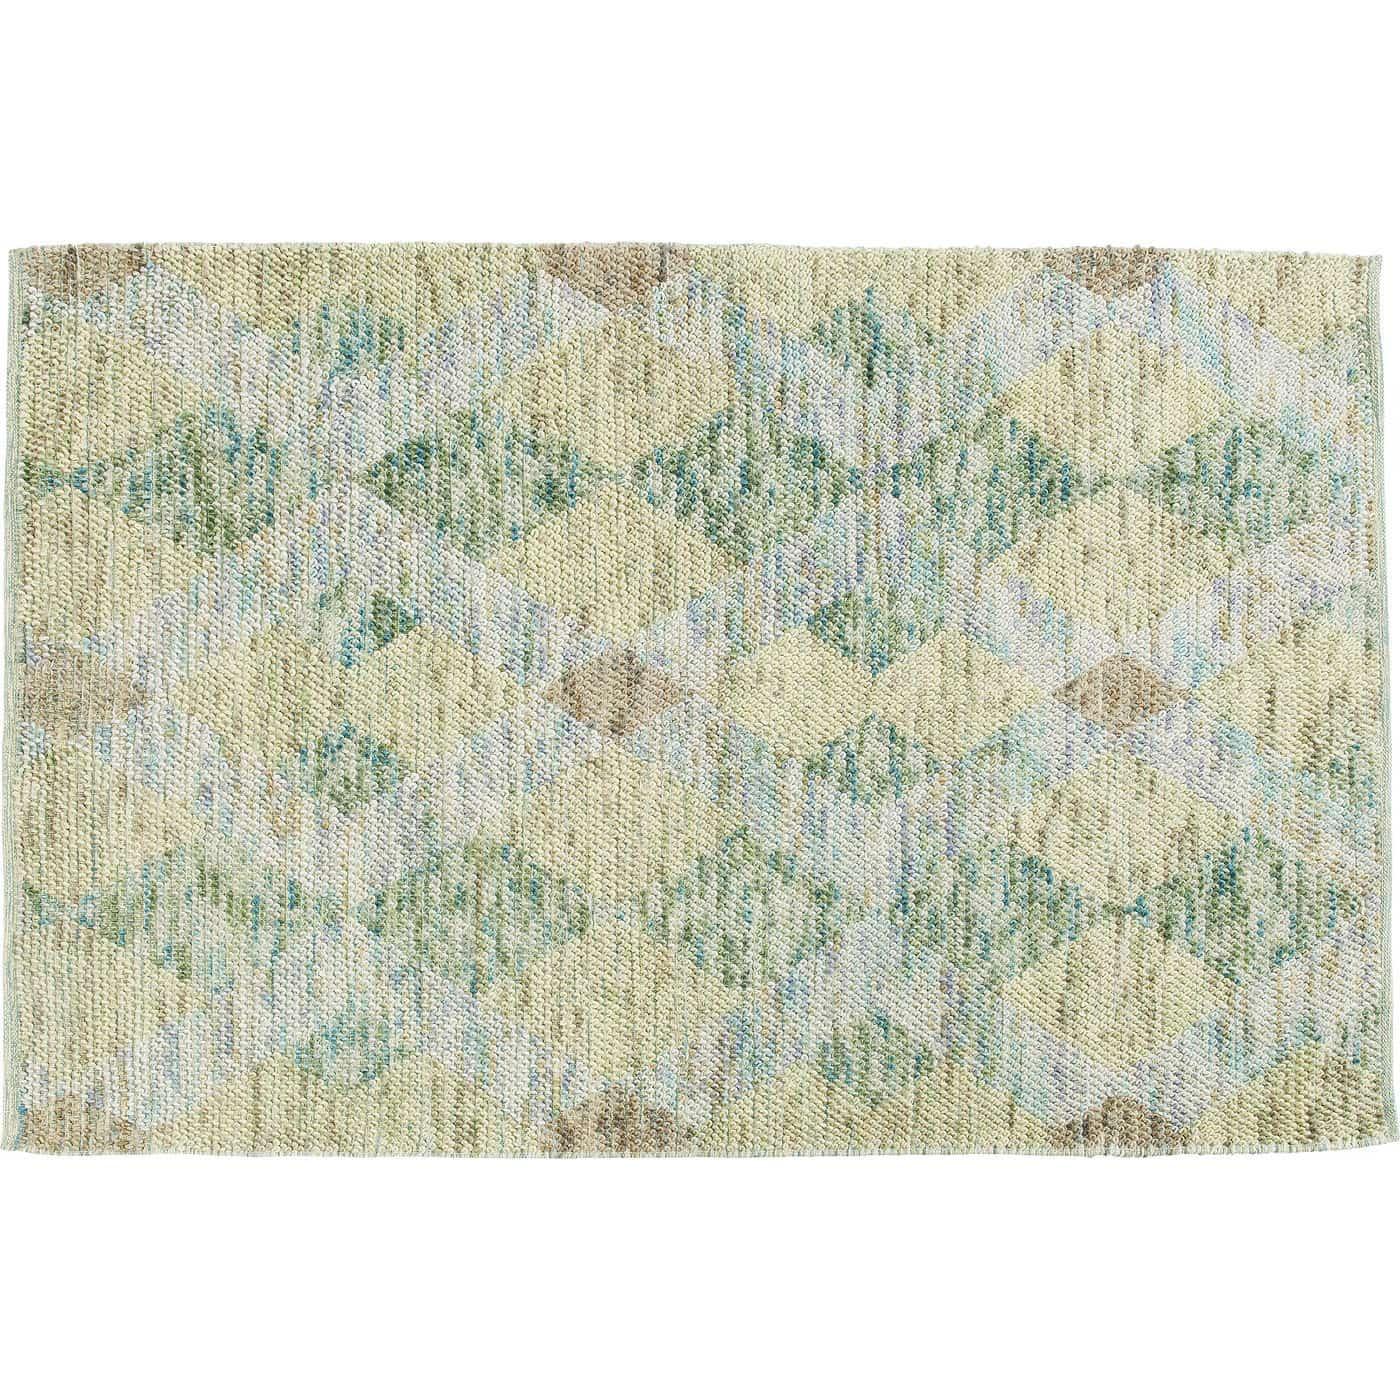 Kare design grasshopper gulvtæppe - multifarvet uld/bomuld/nylon, håndlavet (240x170) fra kare design på boboonline.dk